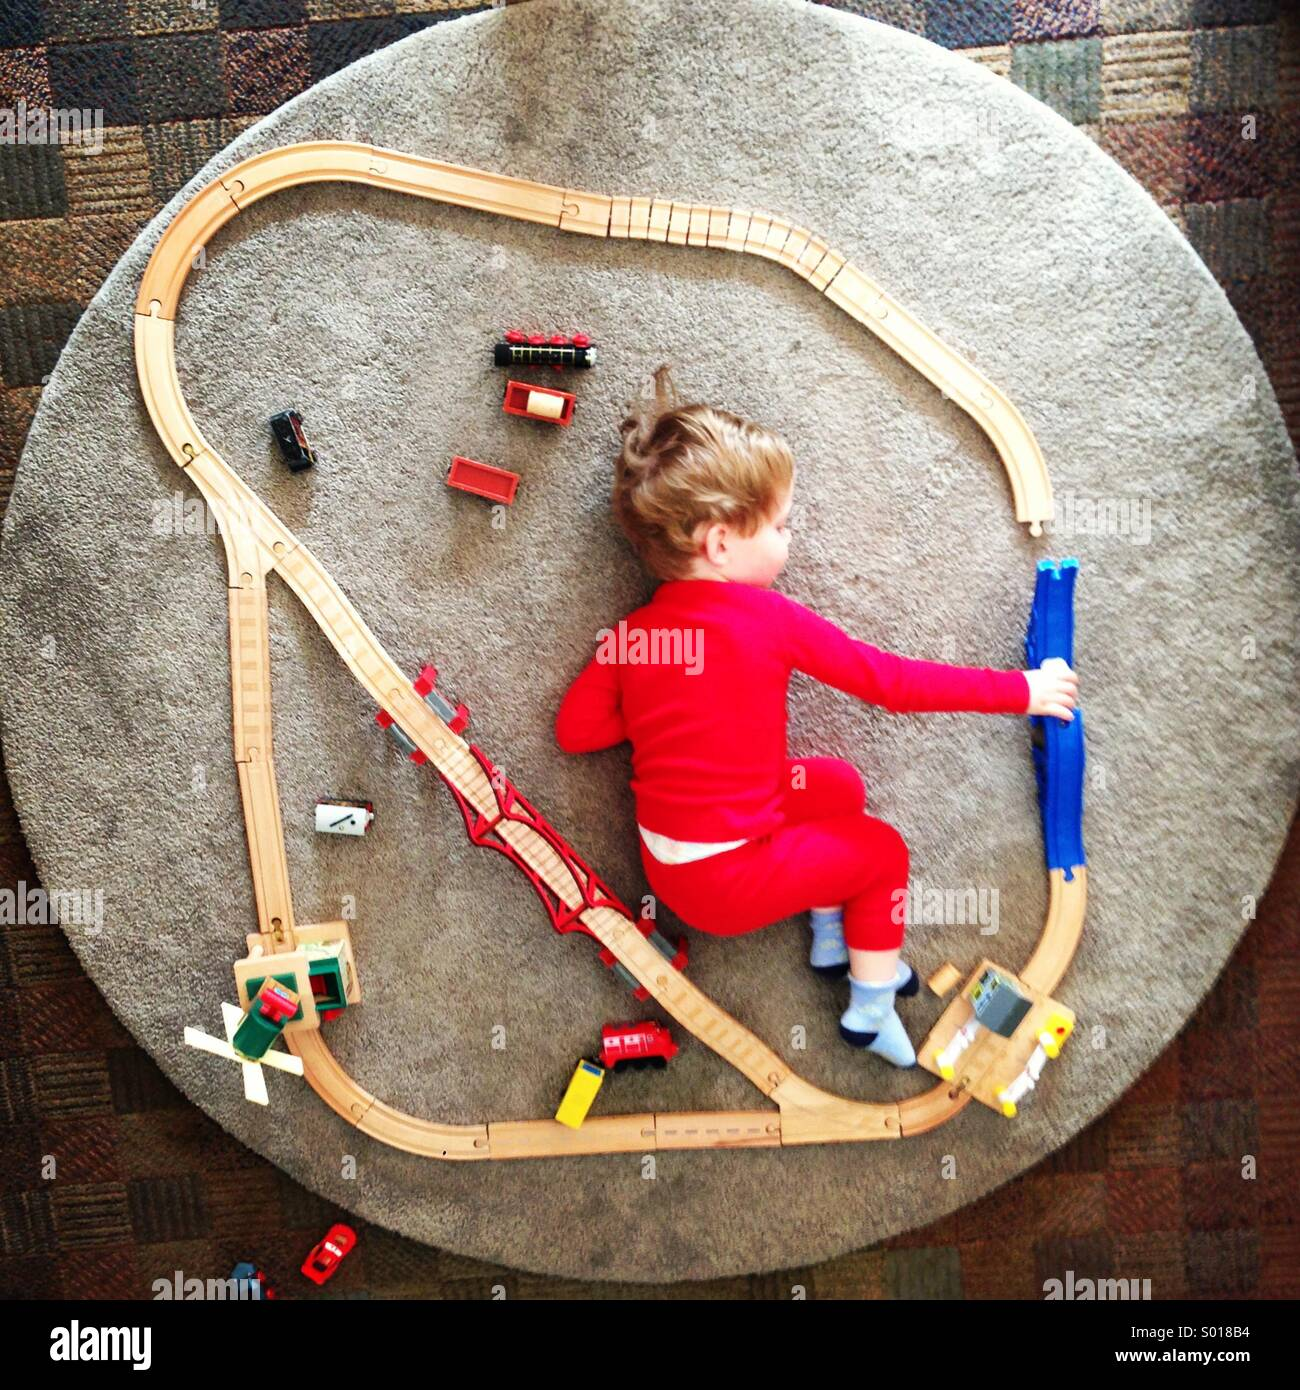 Kleiner Junge spielt mit einem Spielzeug-Bahnstrecke Stockbild